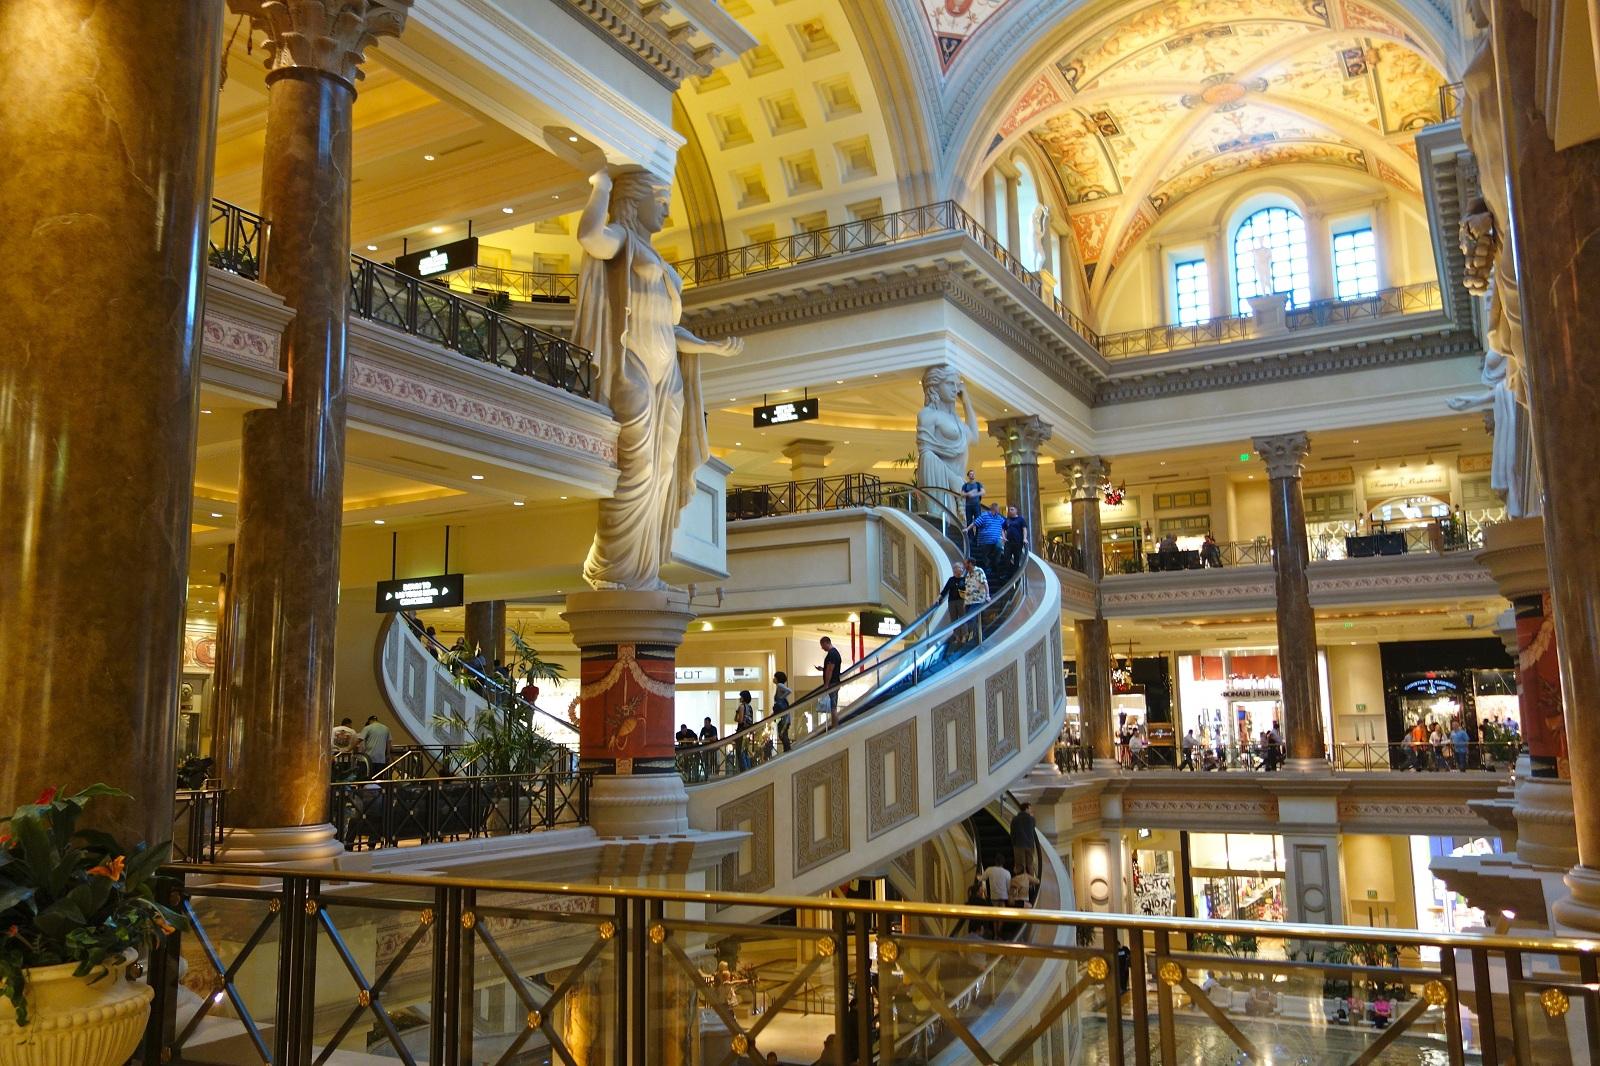 Luxury holiday las vegas usa caesars palace shopping area for Luxury holidays worldwide